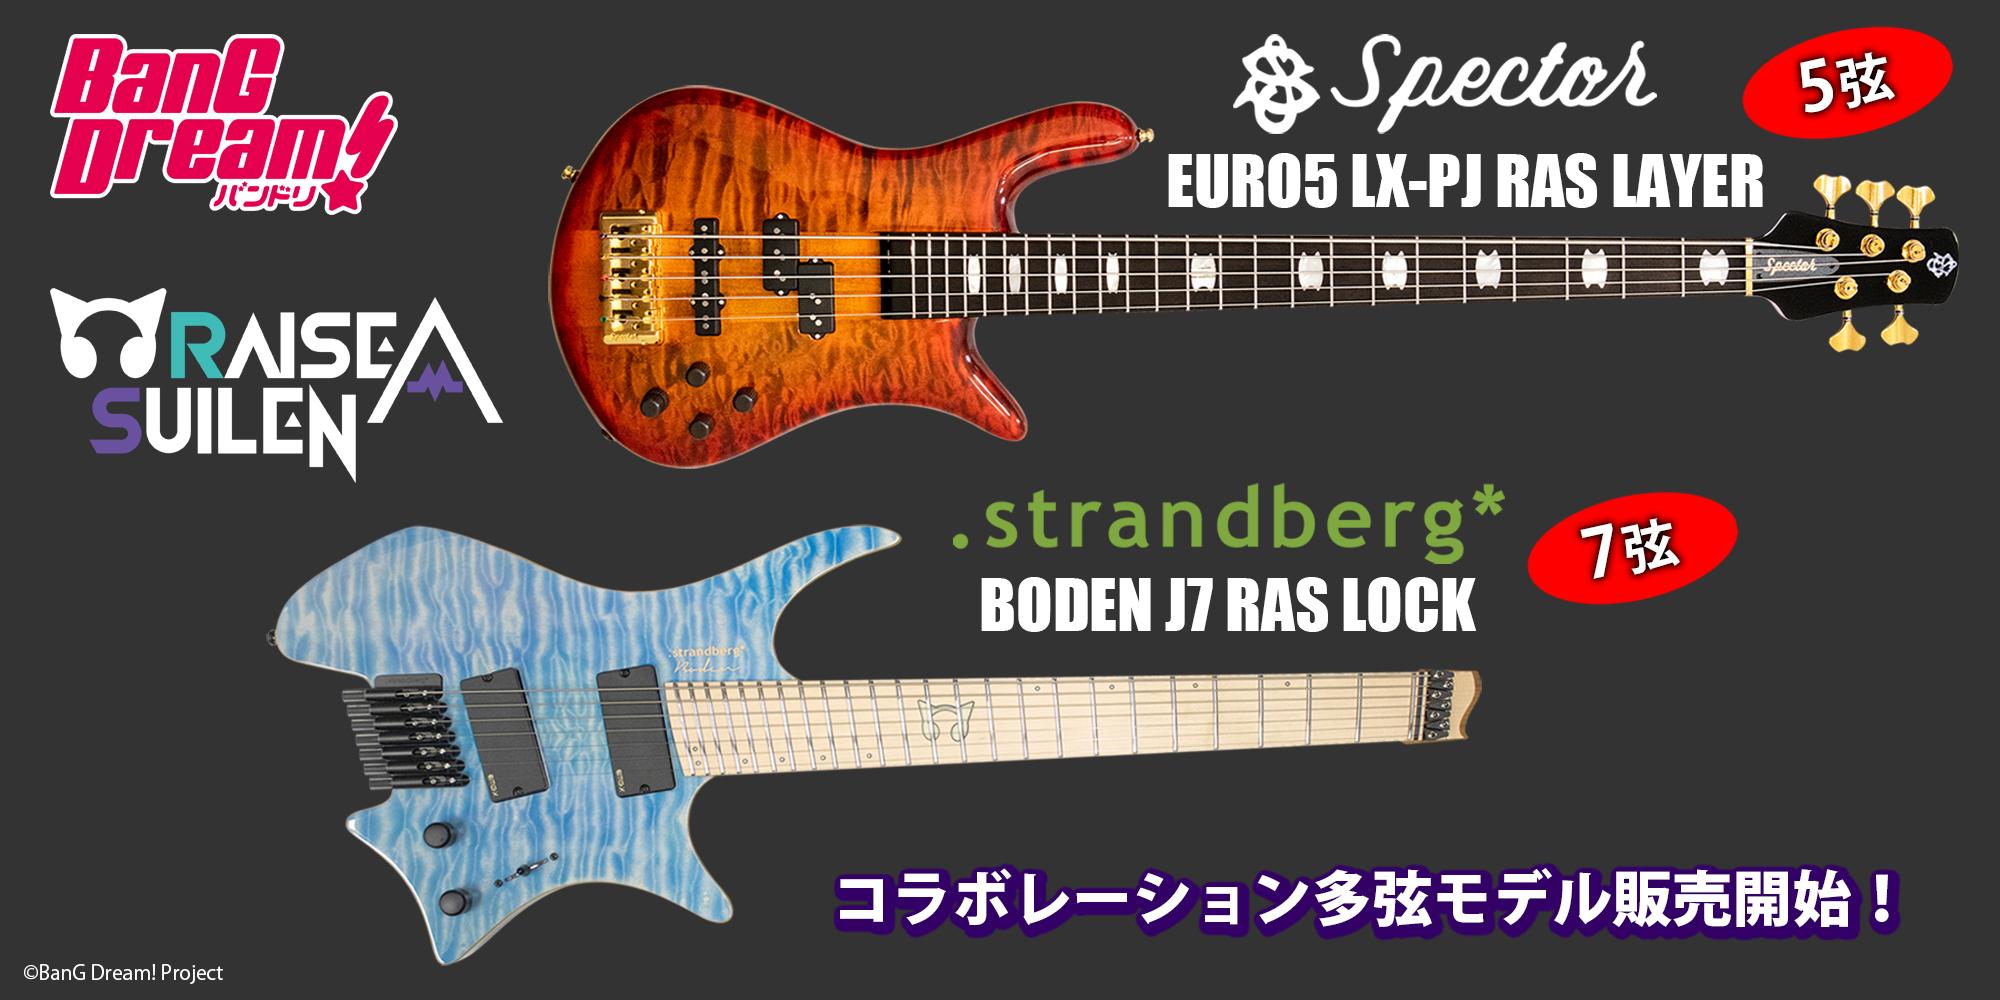 ras_new_5_7_strings_slide